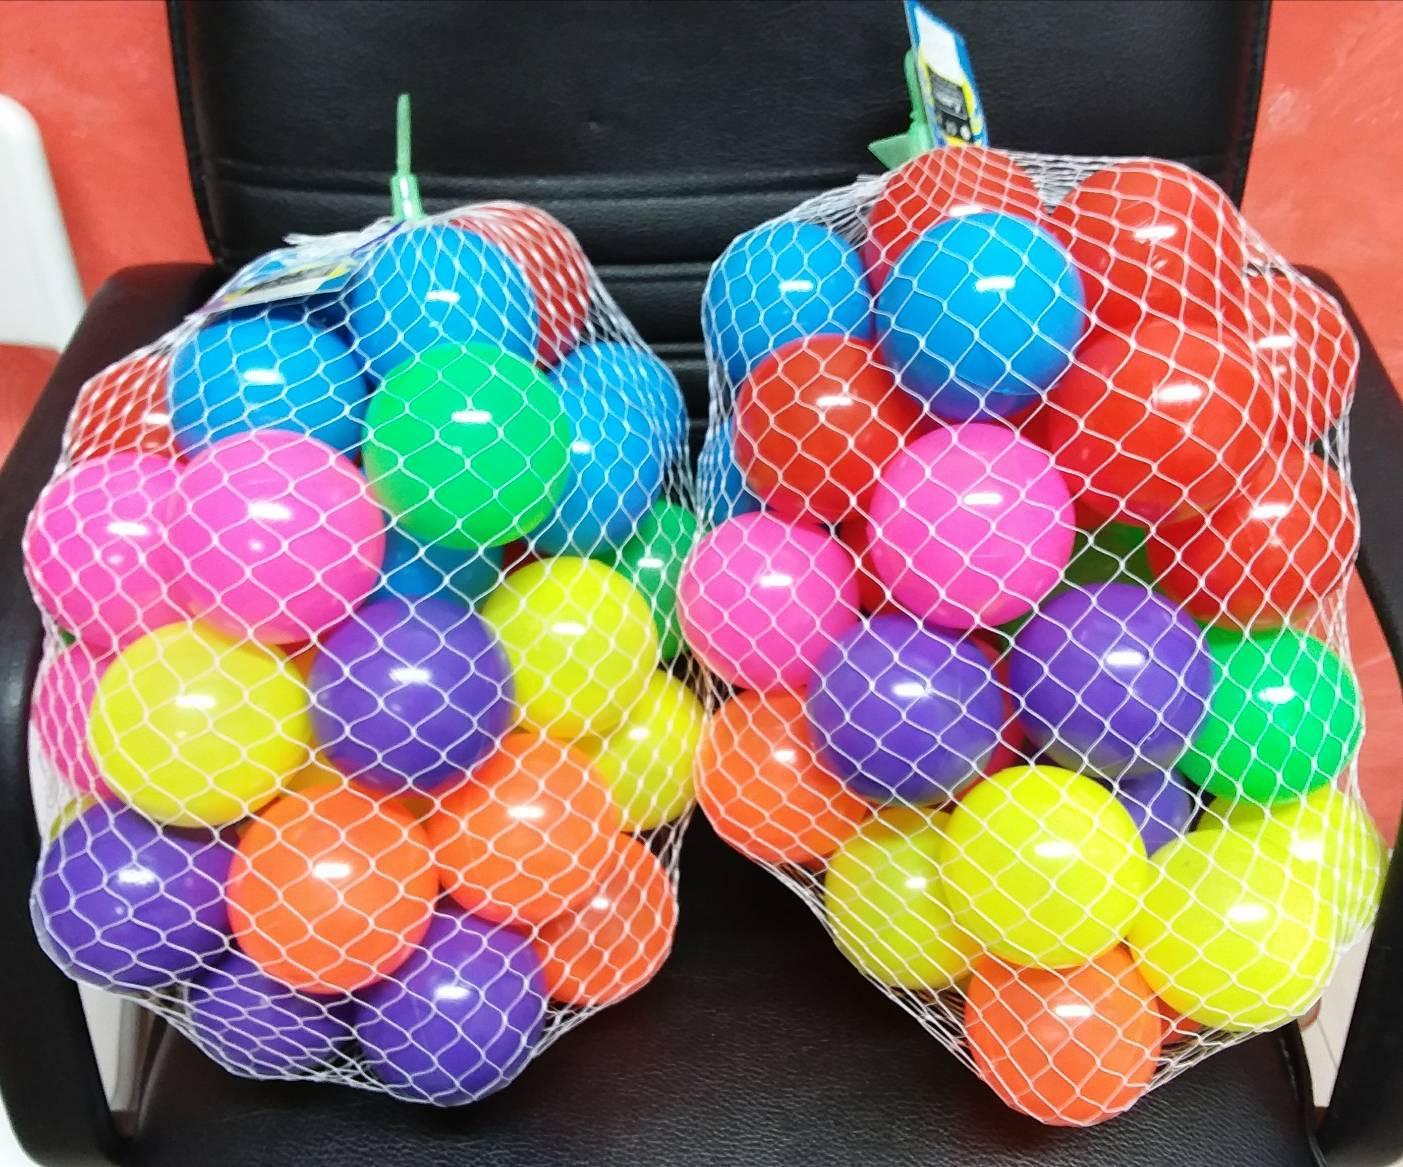 ลูกบอลหลากสี 50 ลูก